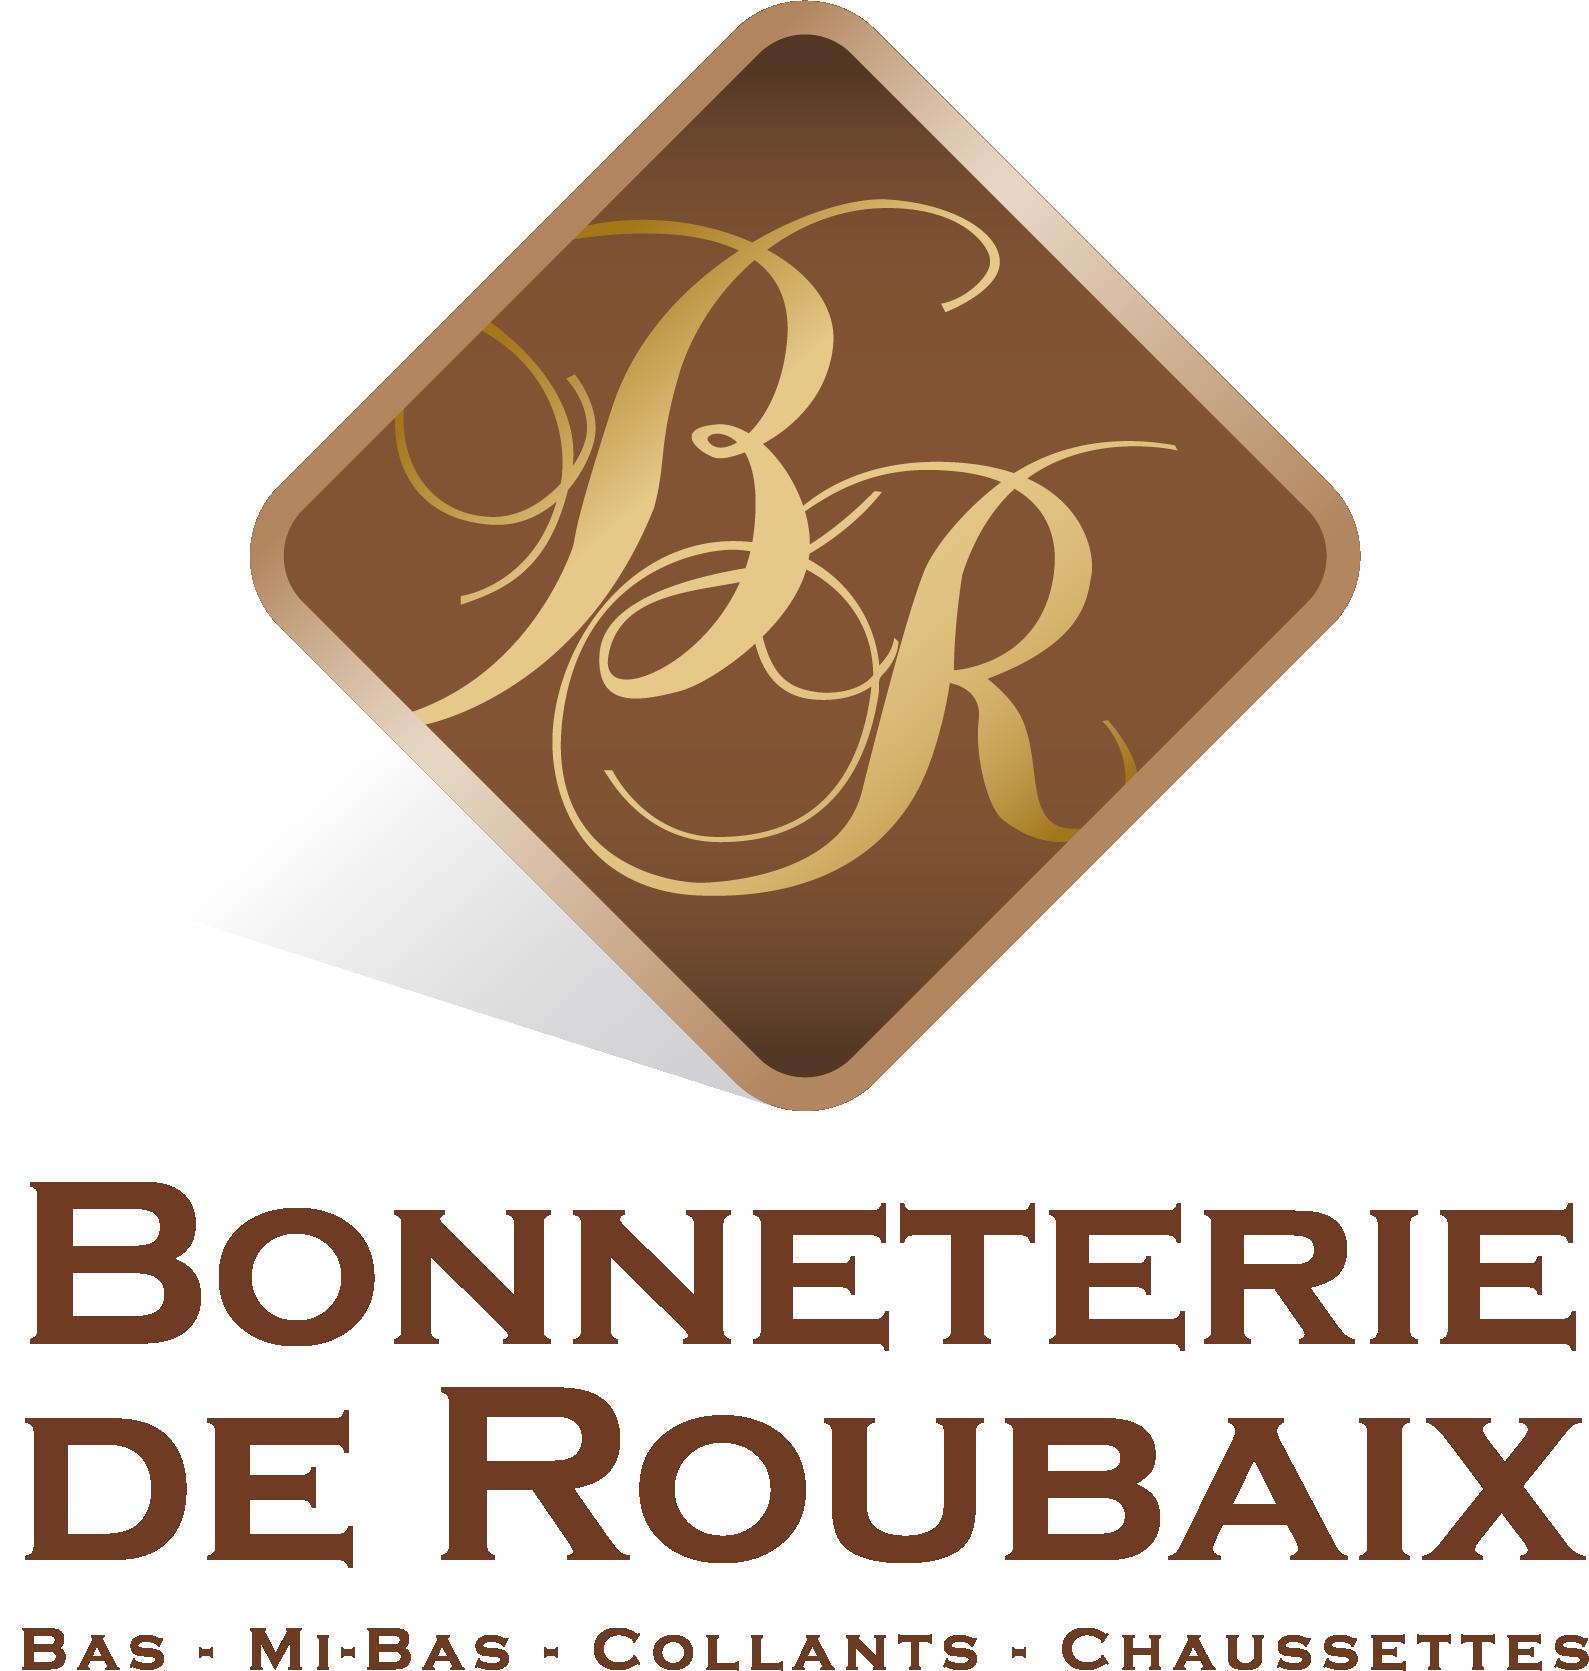 BONNETERIE DE ROUBAIX